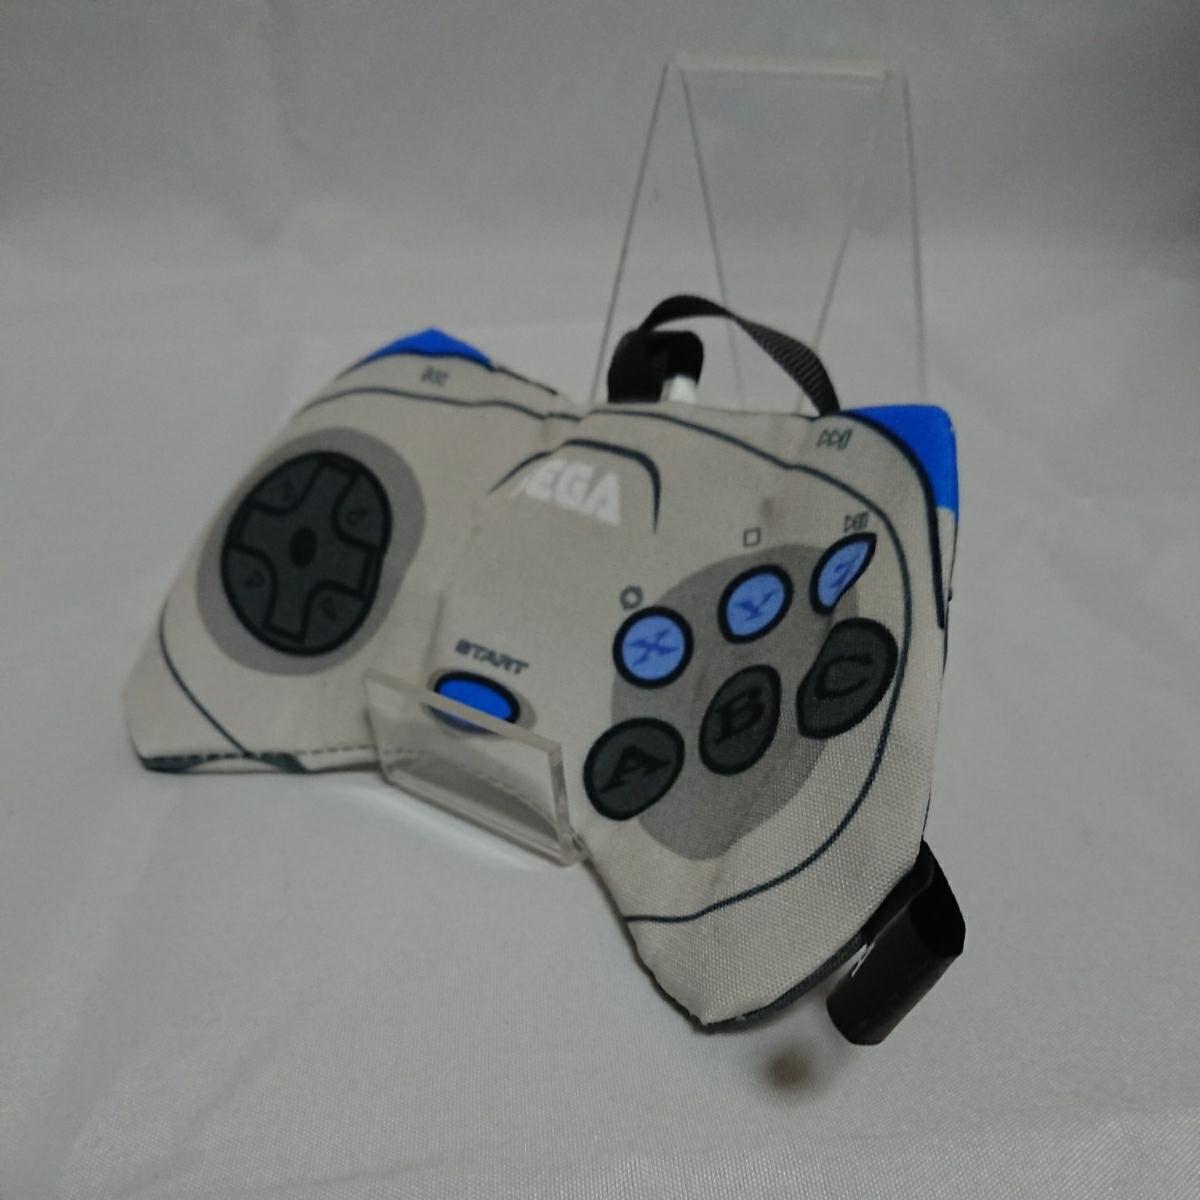 未使用 SEGA セガハードゲーム機がポーチになっちゃったよ! セガサターンコントローラーポーチ アミューズメント景品_画像5